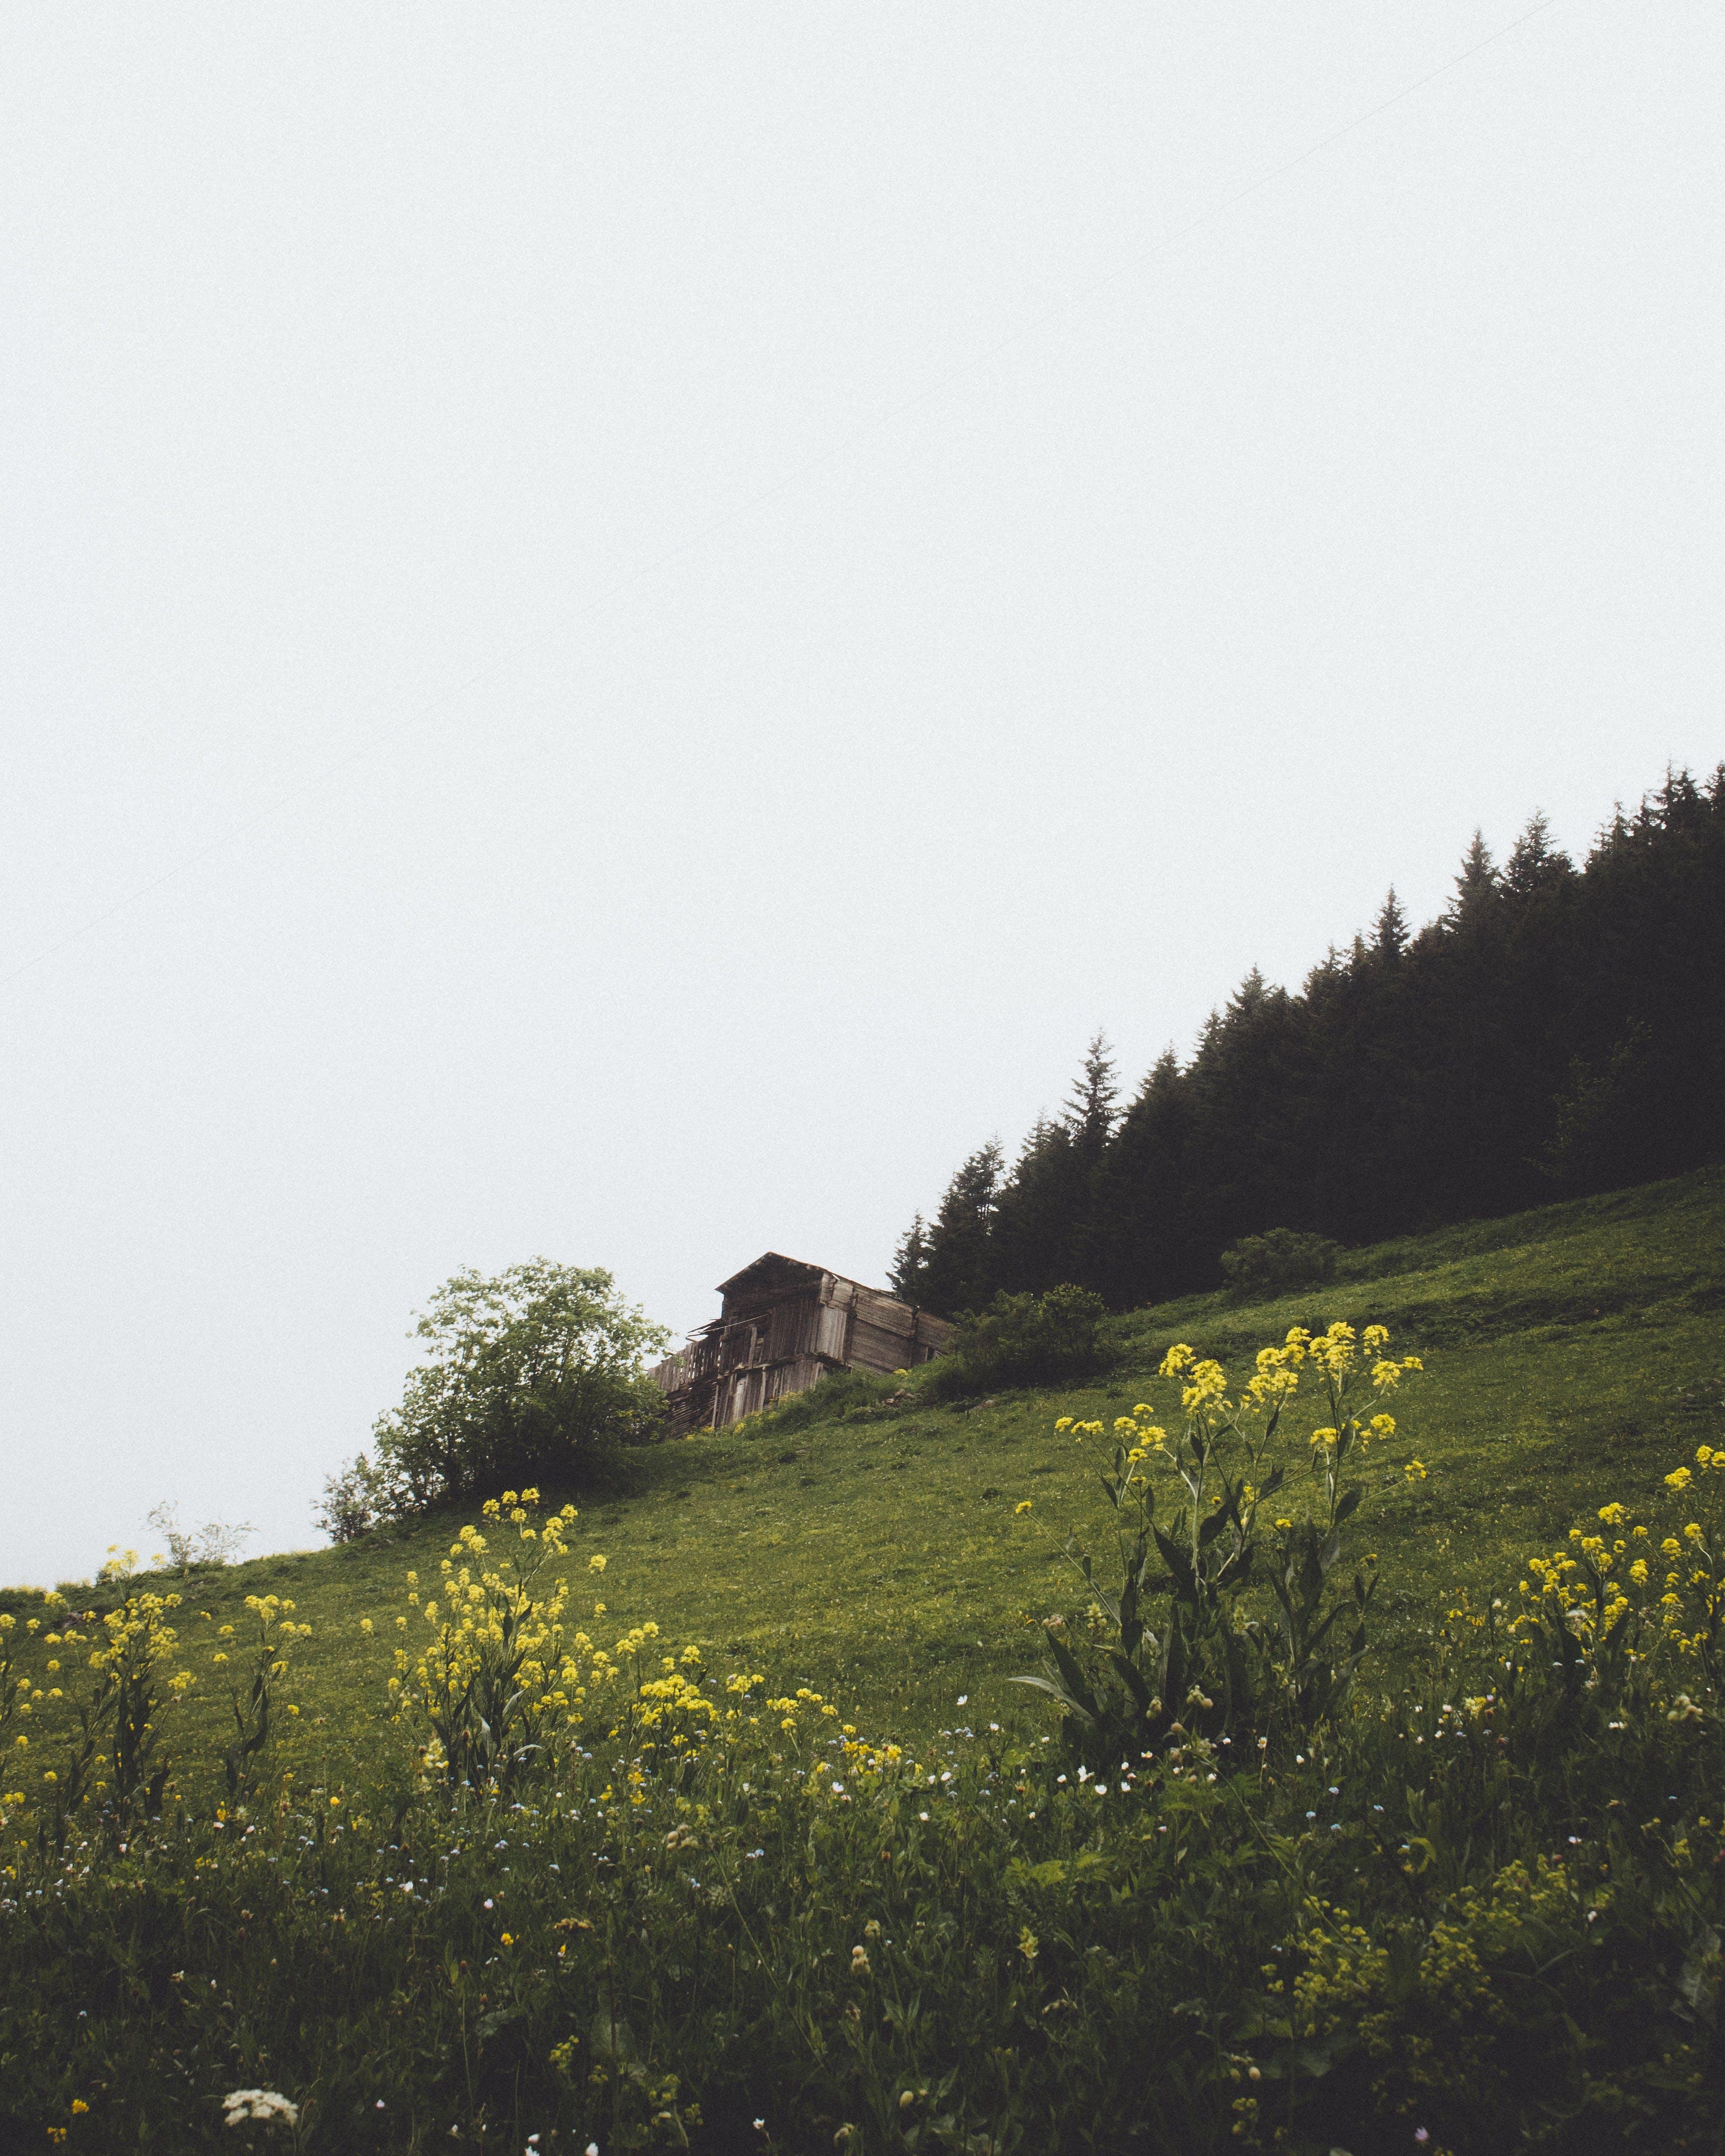 Δωρεάν στοκ φωτογραφιών με αγροτικός, ανάπτυξη, βουνό, γρασίδι